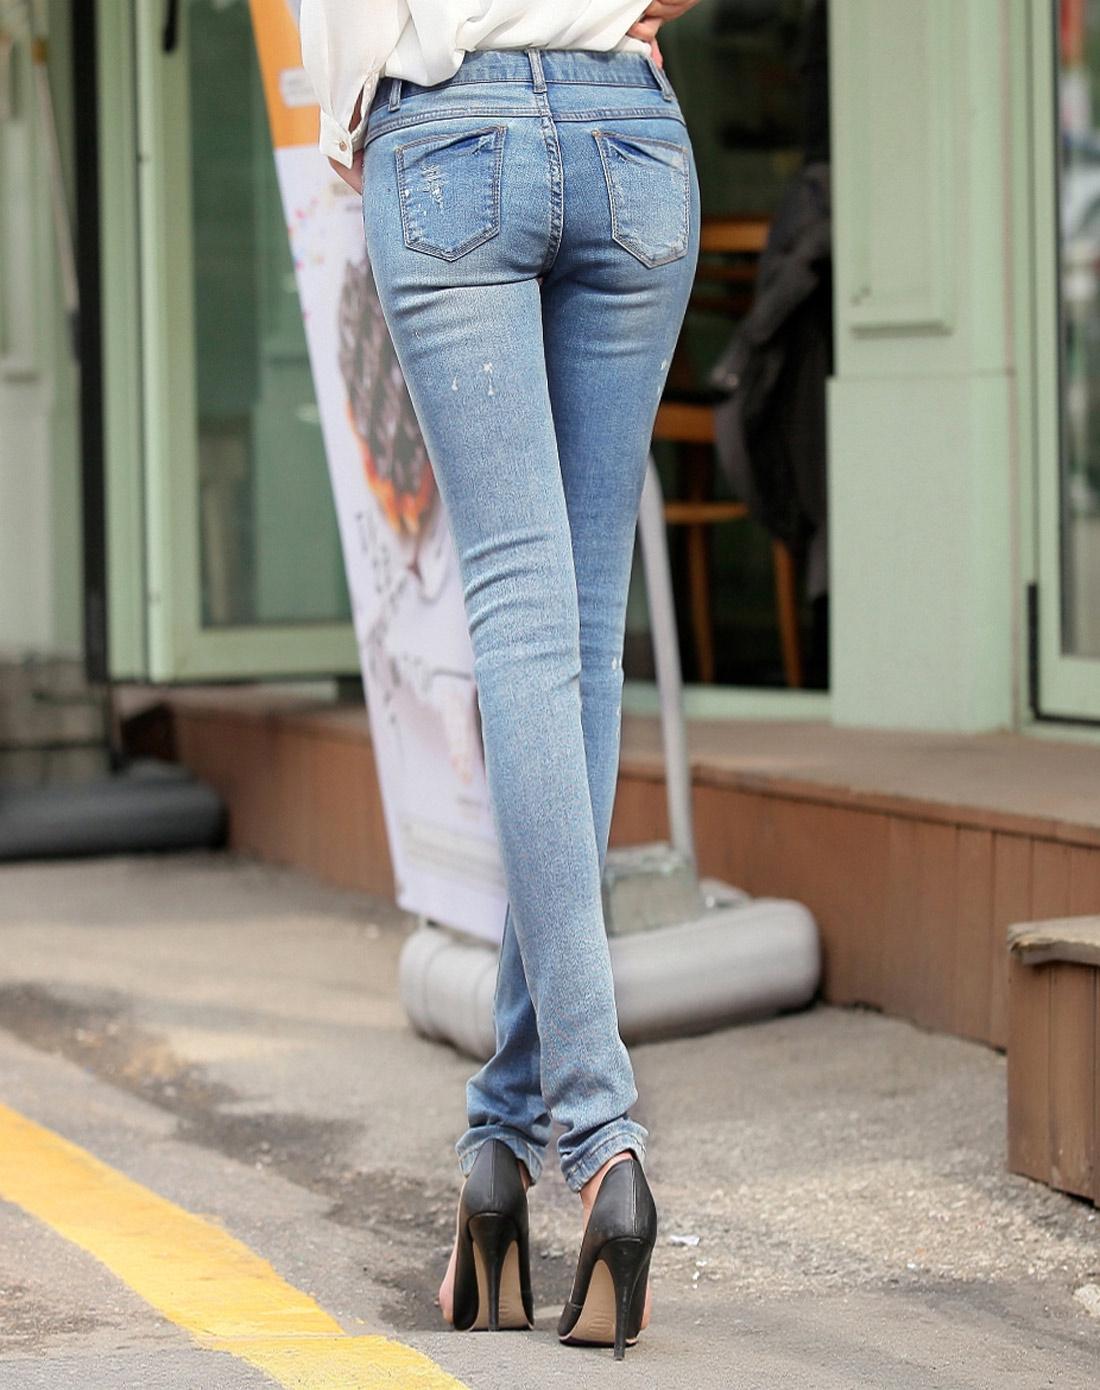 韩都衣舍hstyle女下装专场-蓝色磨破水洗磨白牛仔裤